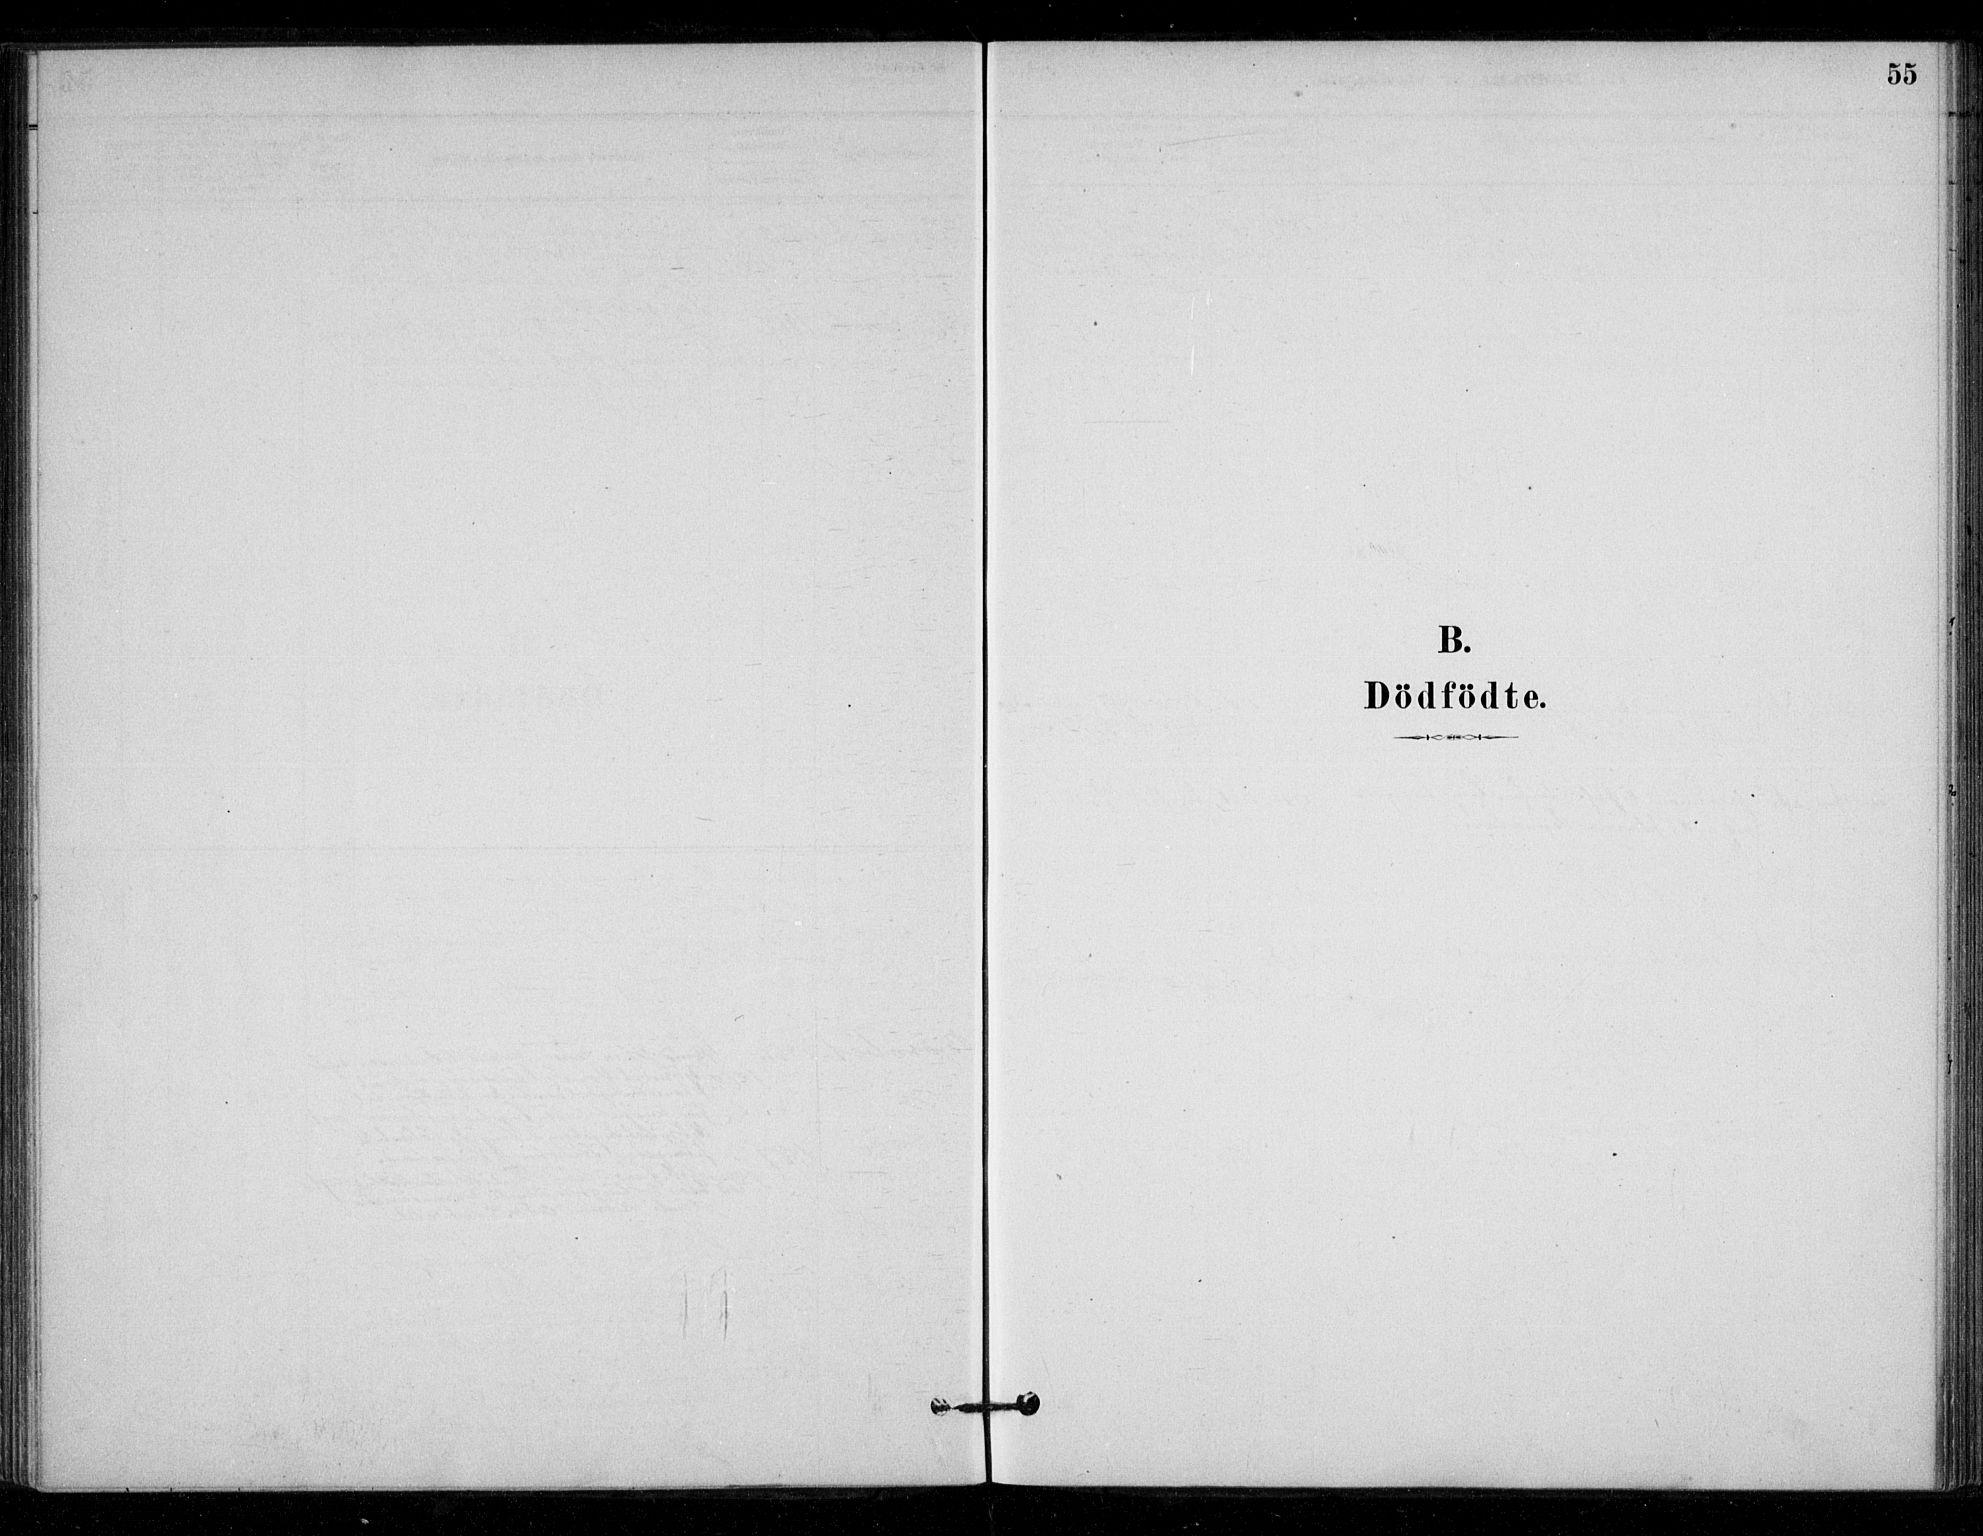 SAT, Ministerialprotokoller, klokkerbøker og fødselsregistre - Sør-Trøndelag, 670/L0836: Ministerialbok nr. 670A01, 1879-1904, s. 55